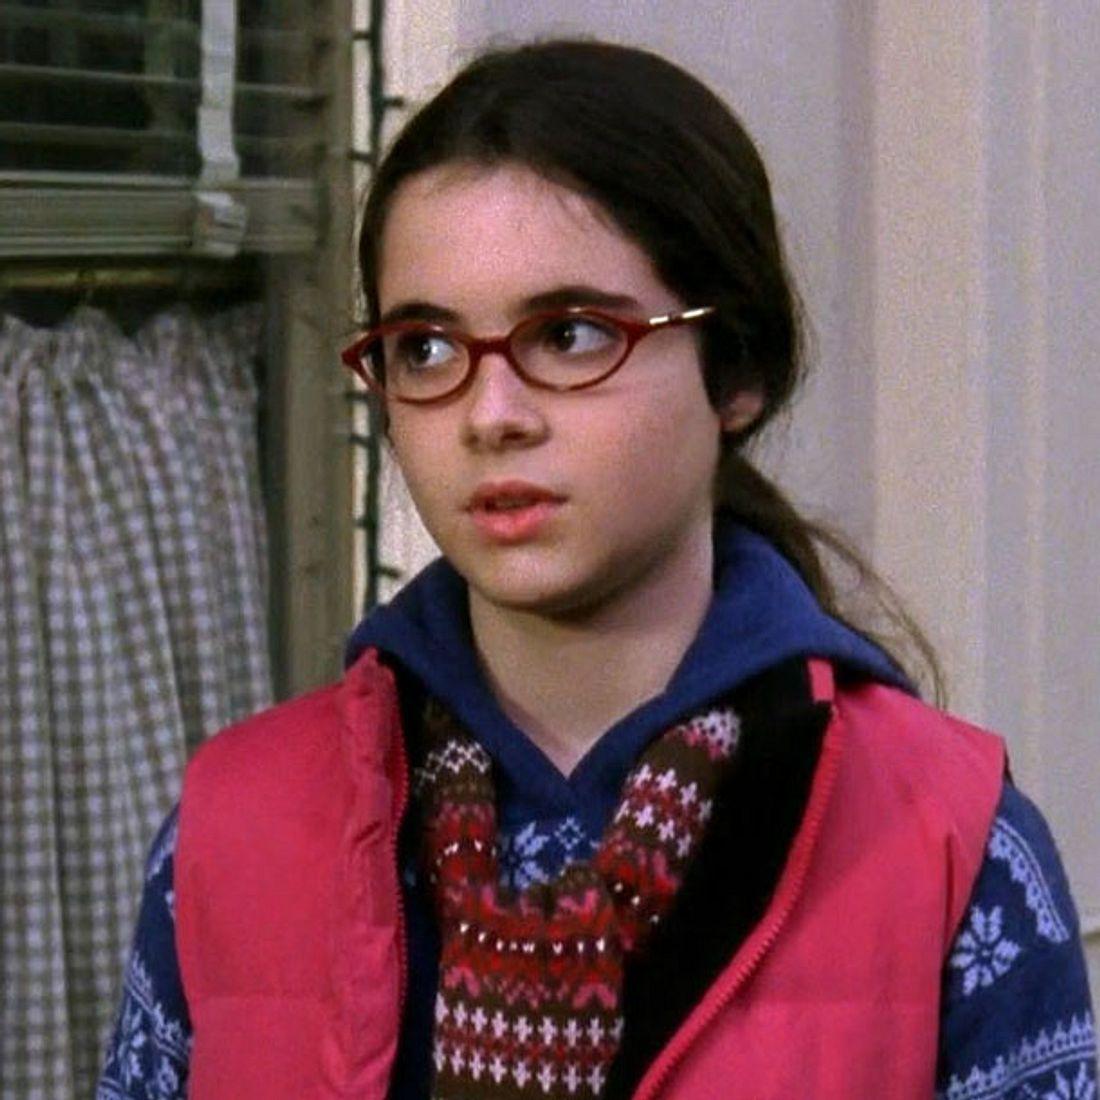 Vanessa Marano als April Nardini in Gilmore Girls